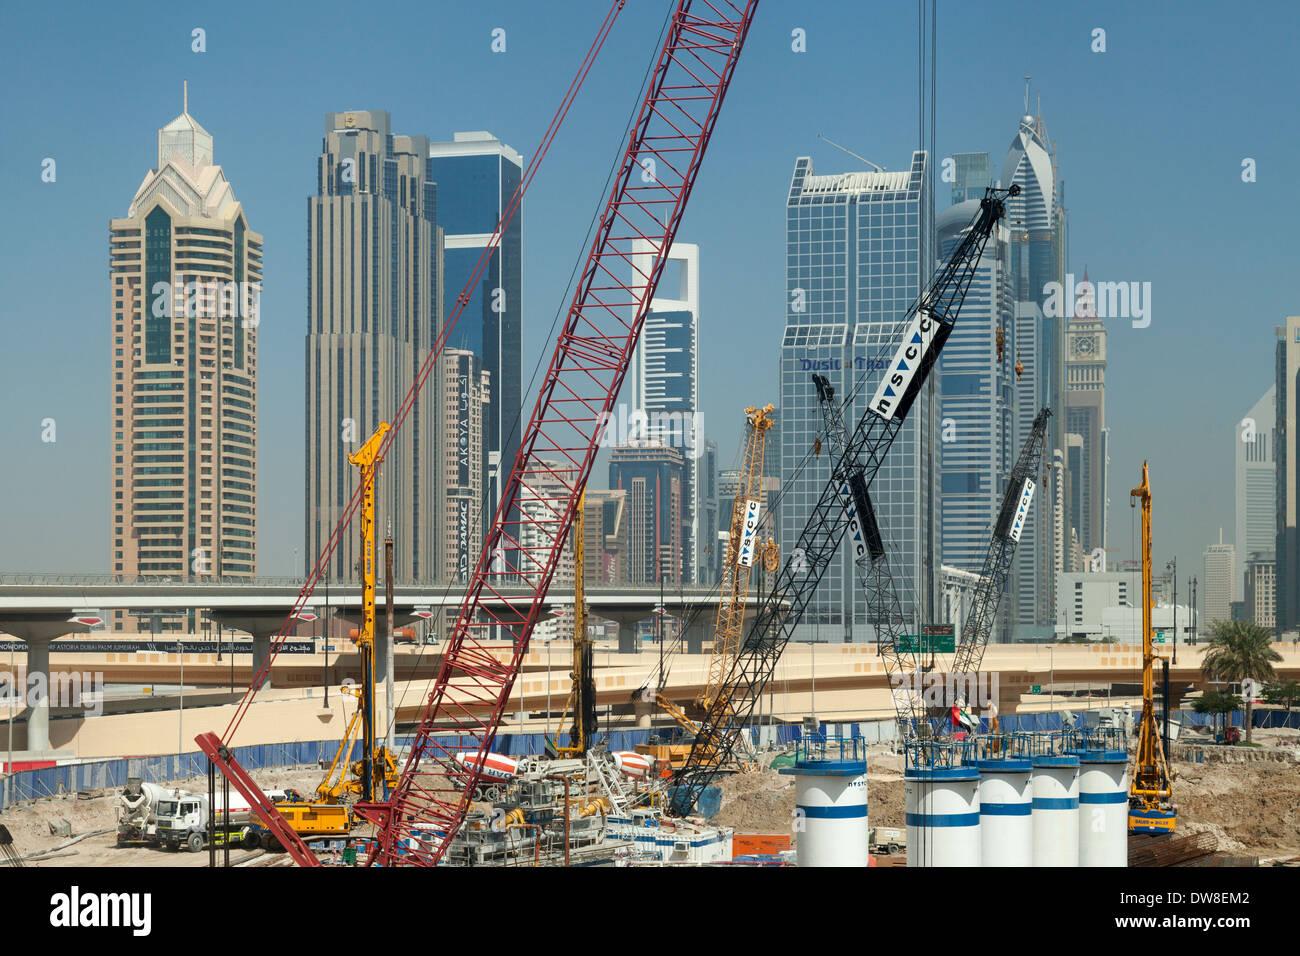 Construction on a building site near the Dubai Mall, Dubai, UAE, United Arab Emirates Middle East - Stock Image